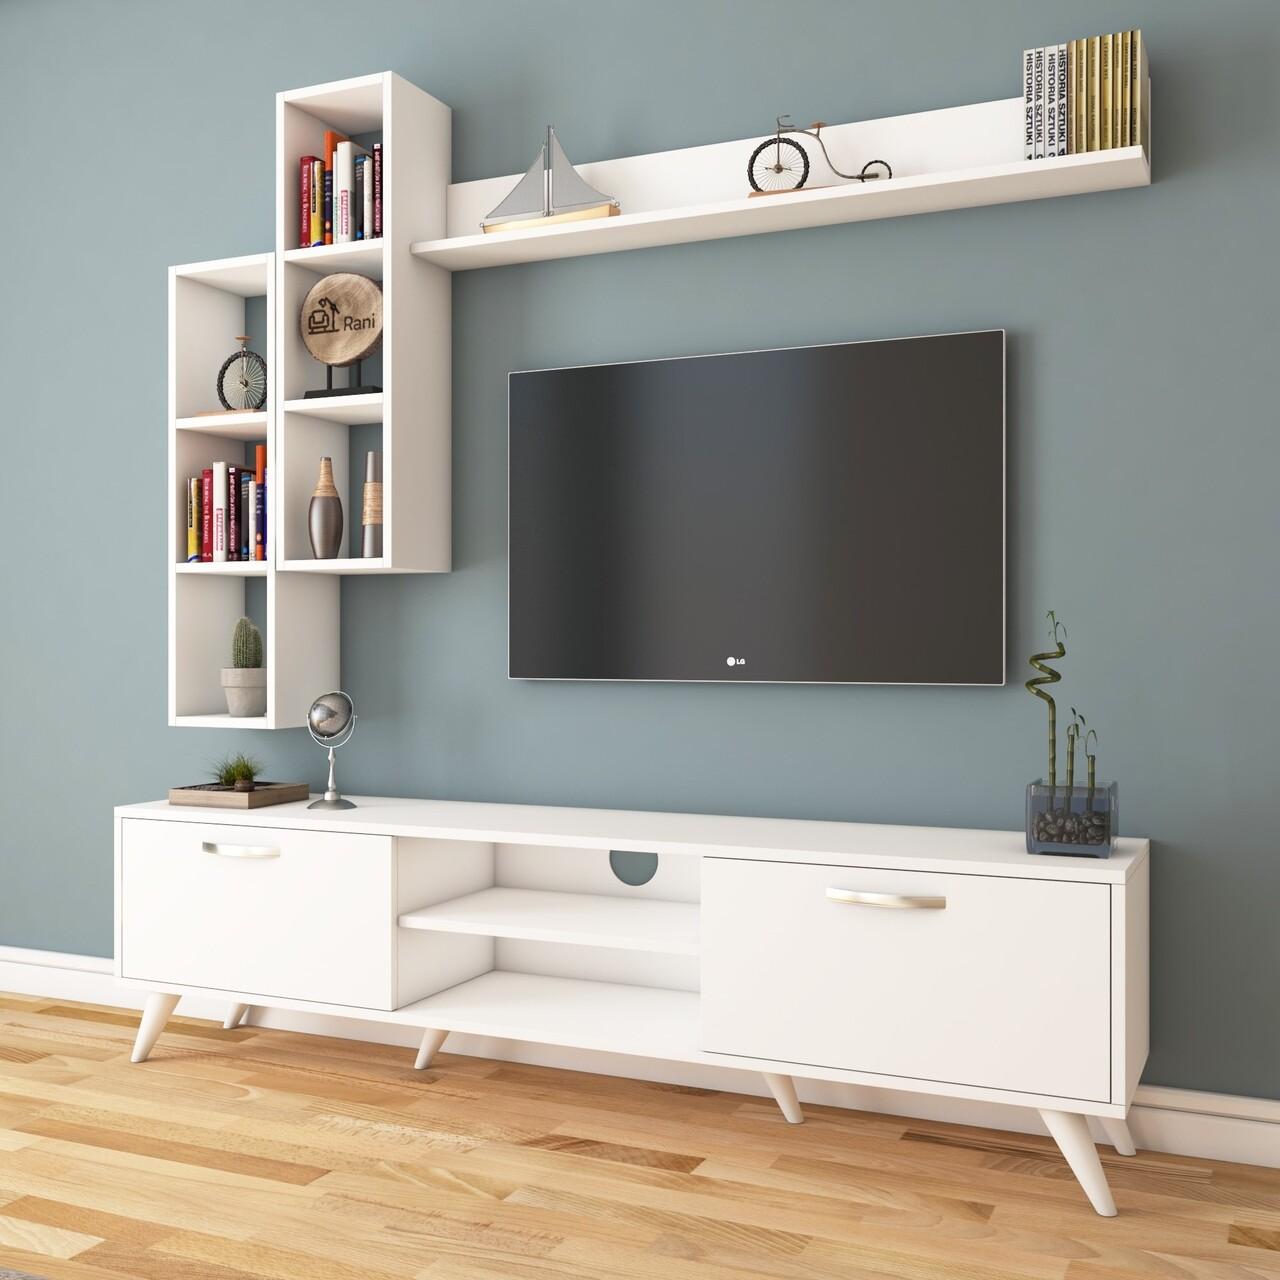 Comoda TV cu 3 rafturi de perete M16 - 261, Wren, 180 x 35 x 48.6 cm/90 cm/133 cm, white